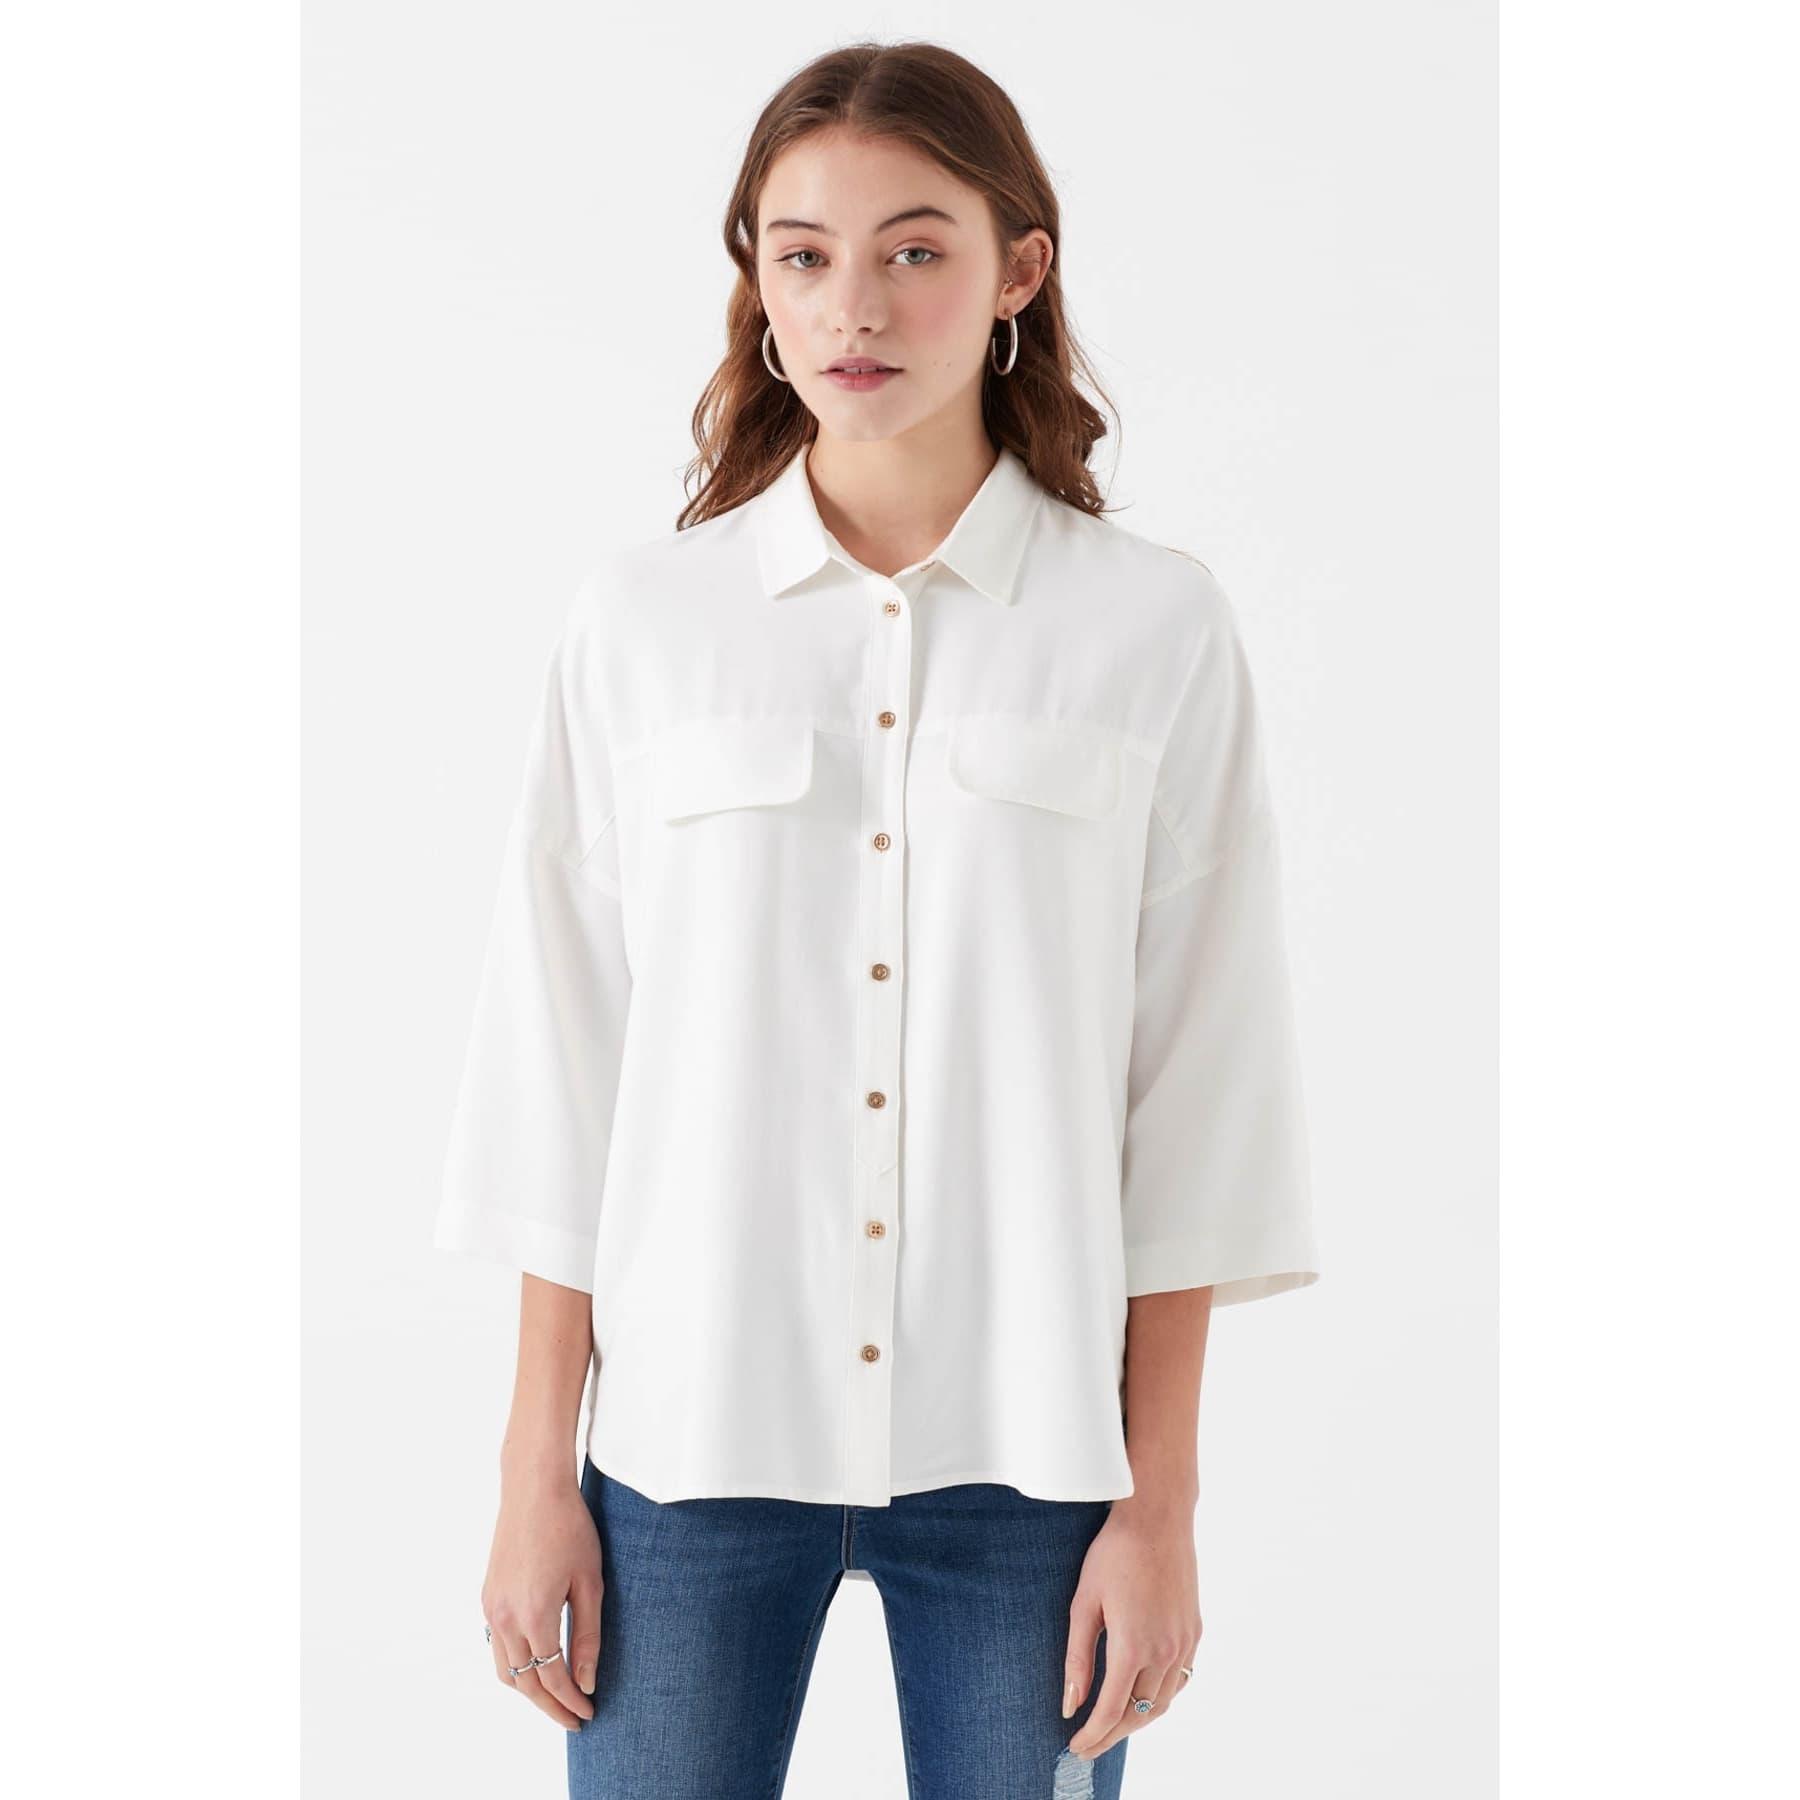 Kadın Cepli Beyaz Gömlek (Rahat Kesim)